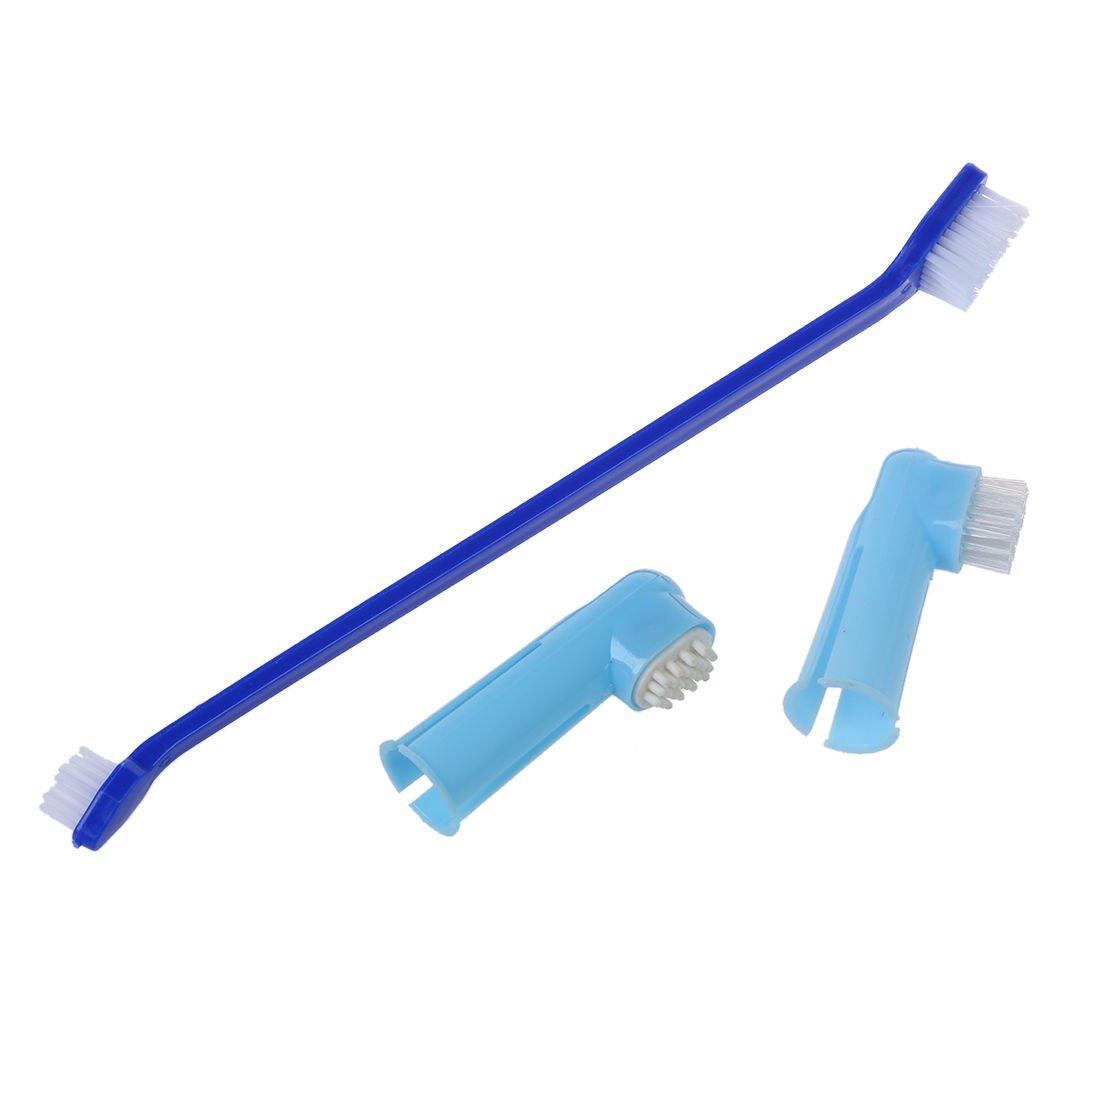 TOOGOO(R) Rose Bleu Blanc Plastique Poignees doux Brosse a poils Doigt Animal de compagnie Brosse a dents 3 en 1 SODIAL